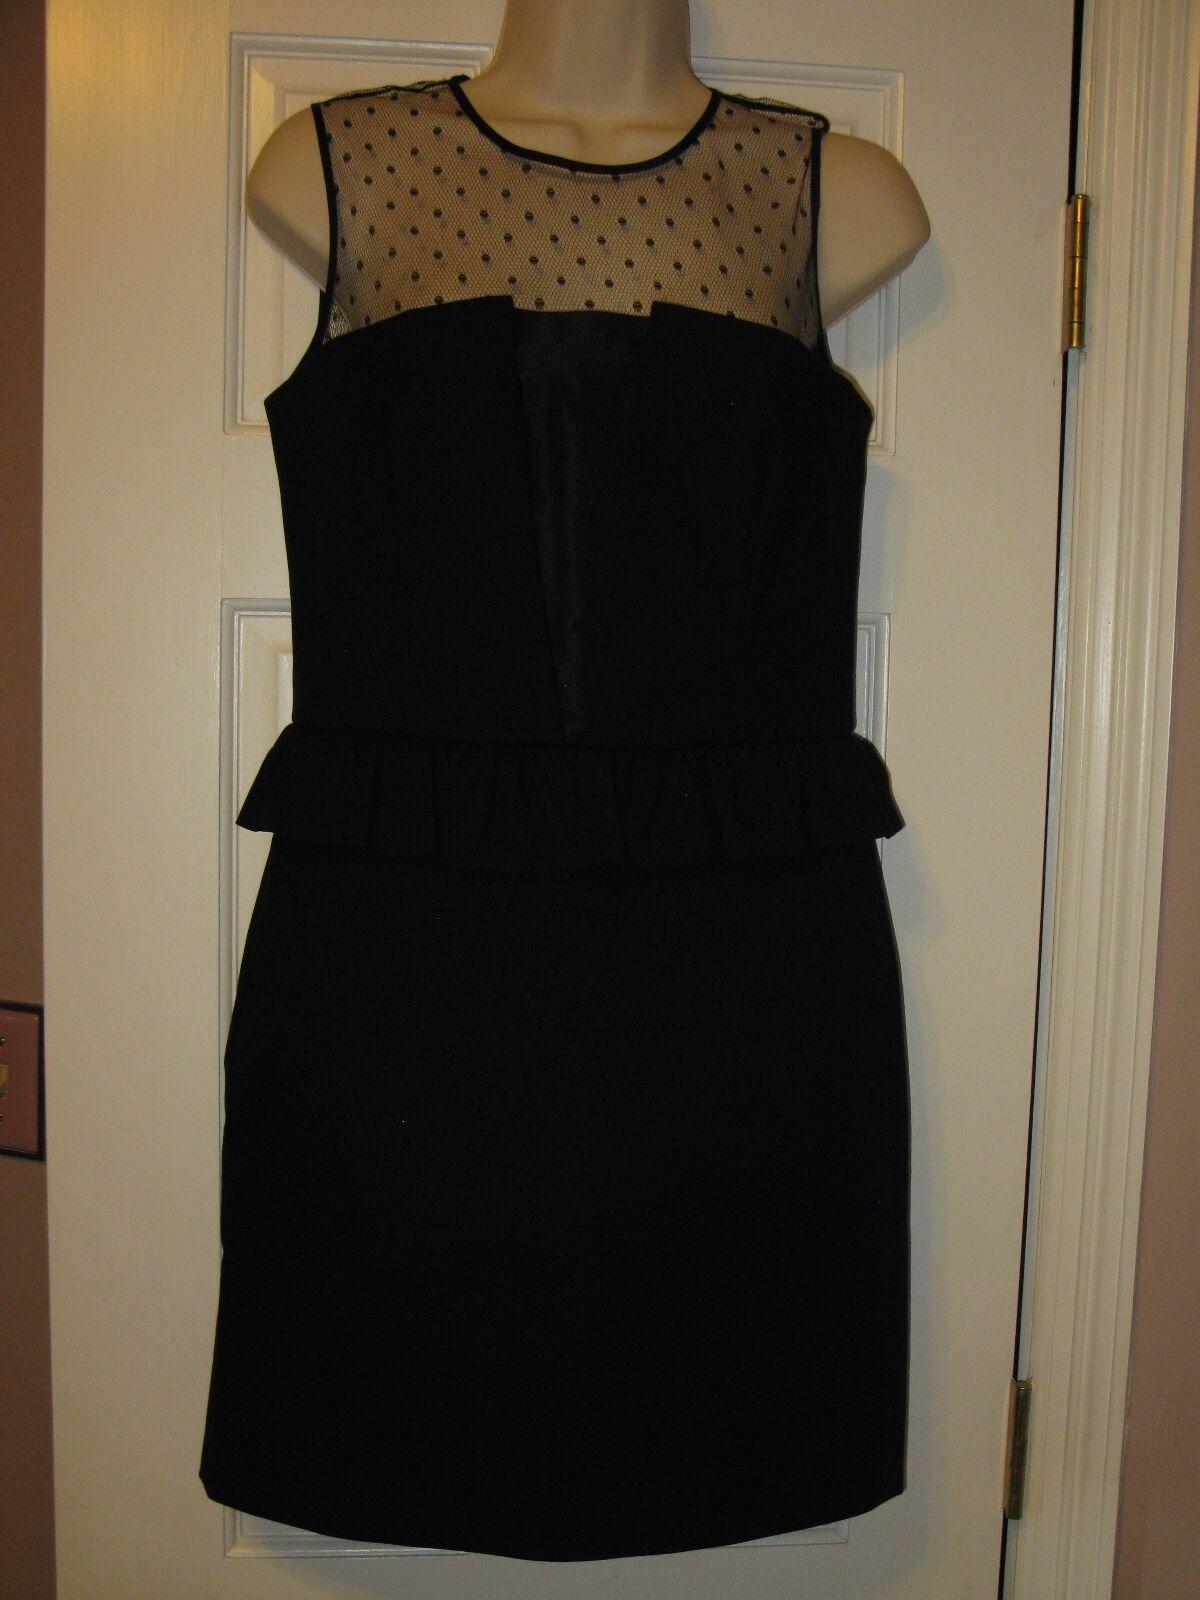 rojo Valentino Vestido, nuevo con  etiquetas I42 US 4  Entrega rápida y envío gratis en todos los pedidos.